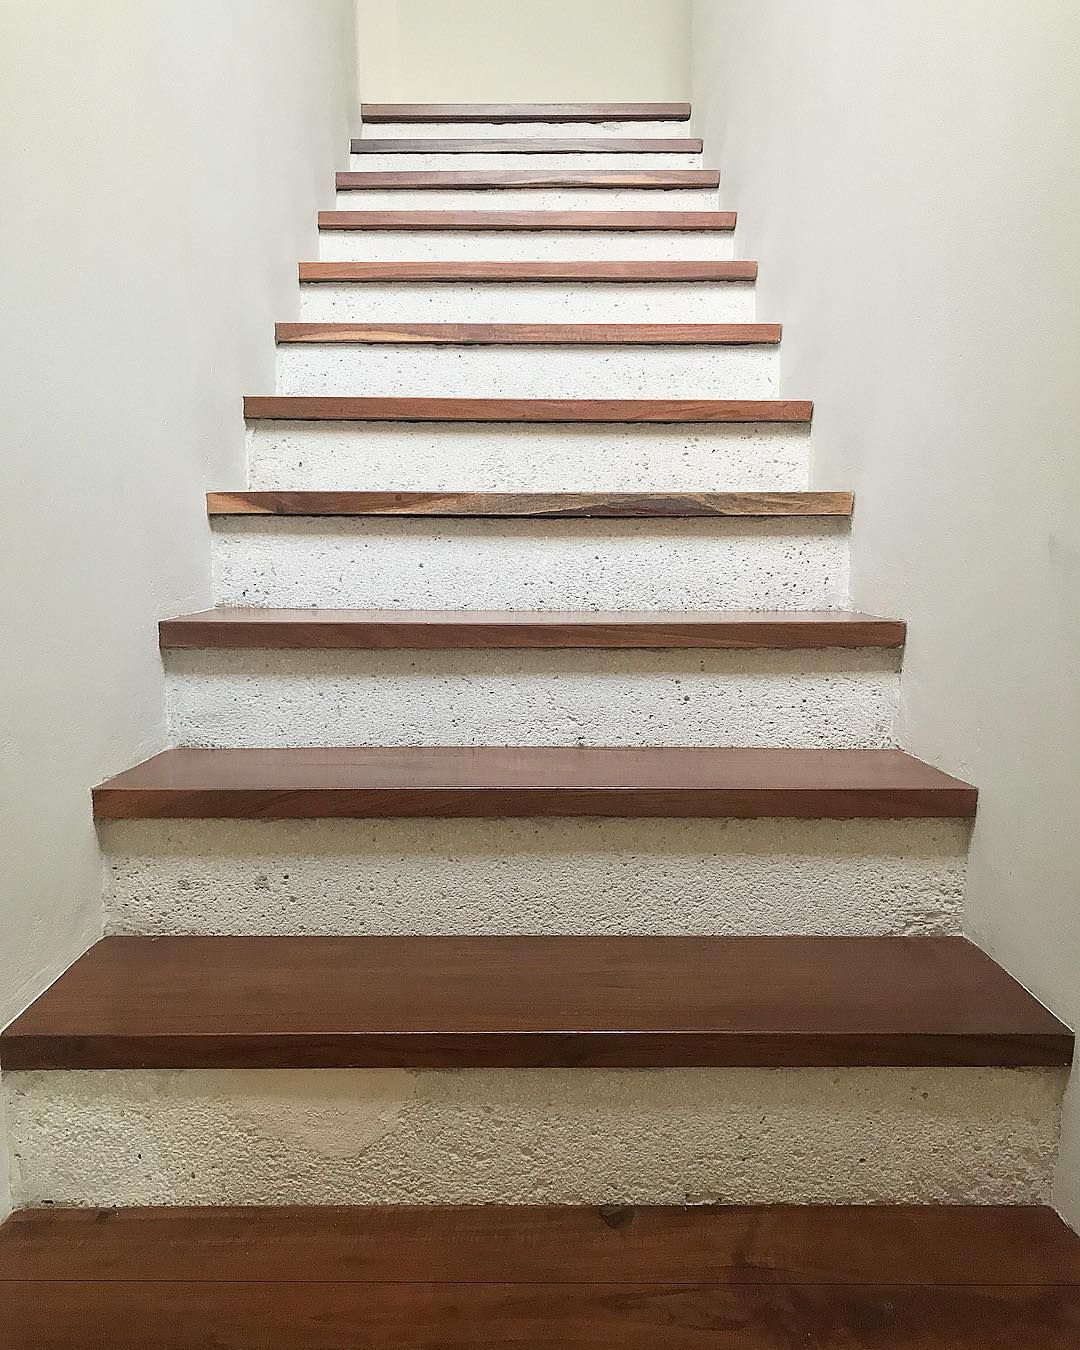 Escalera de concreto martelinado con huellas de madera de for Imagenes escaleras interiores